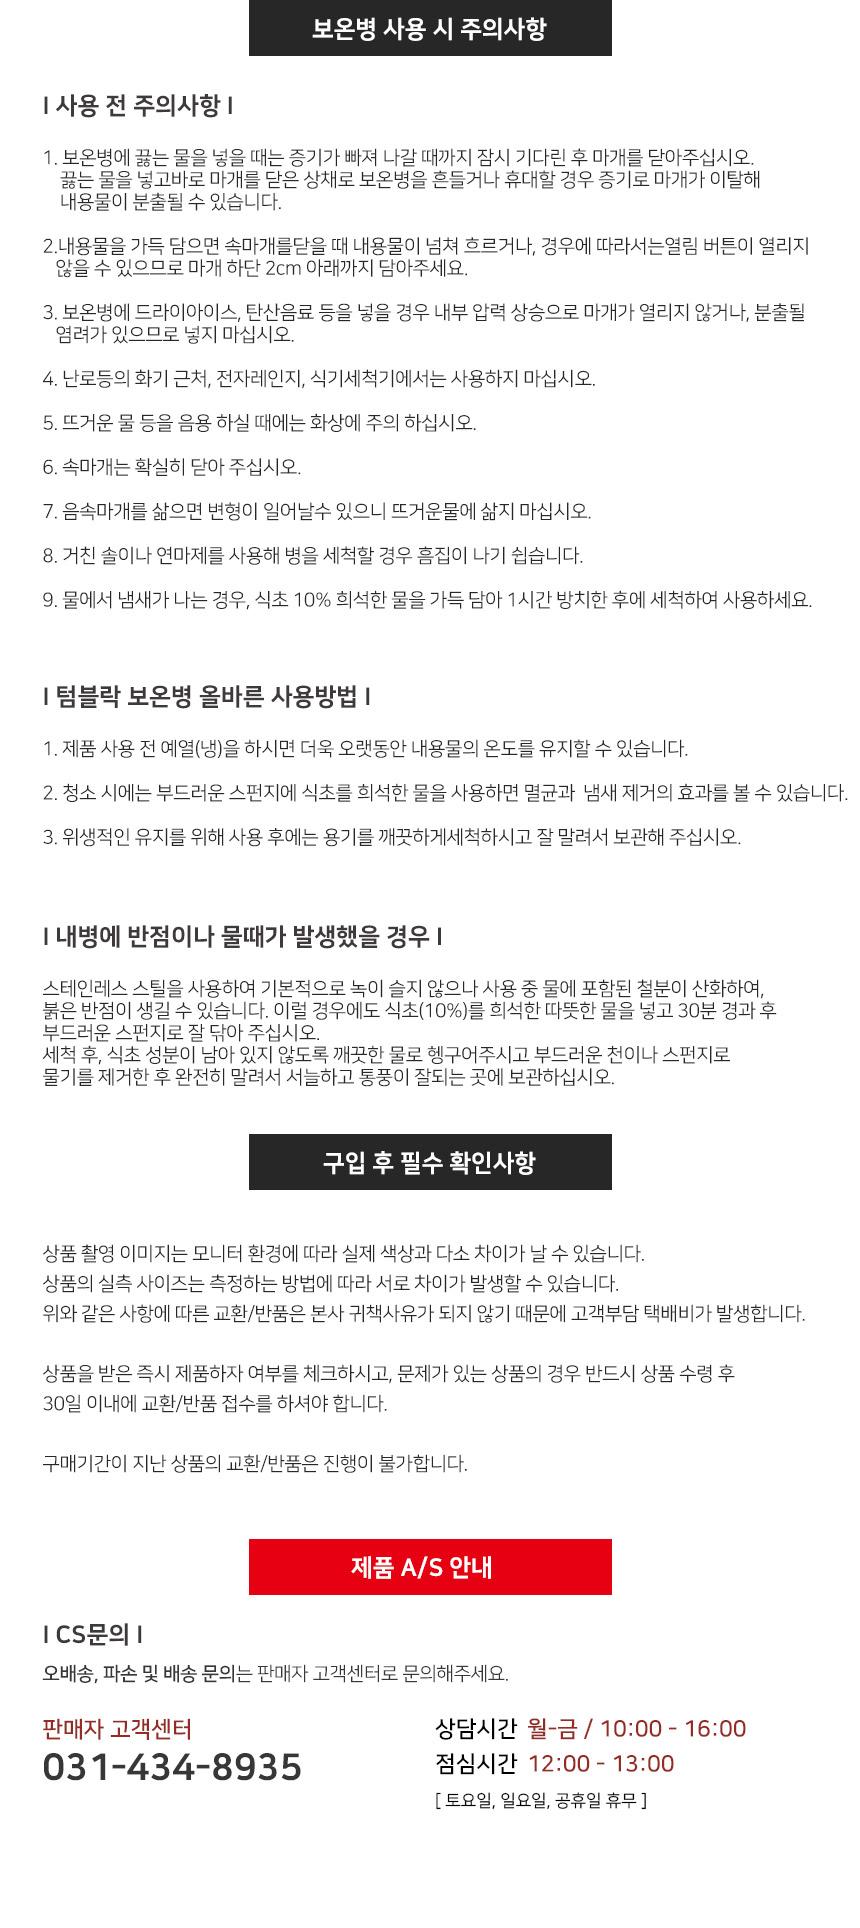 ★주의사항-텀블락보온병.jpg